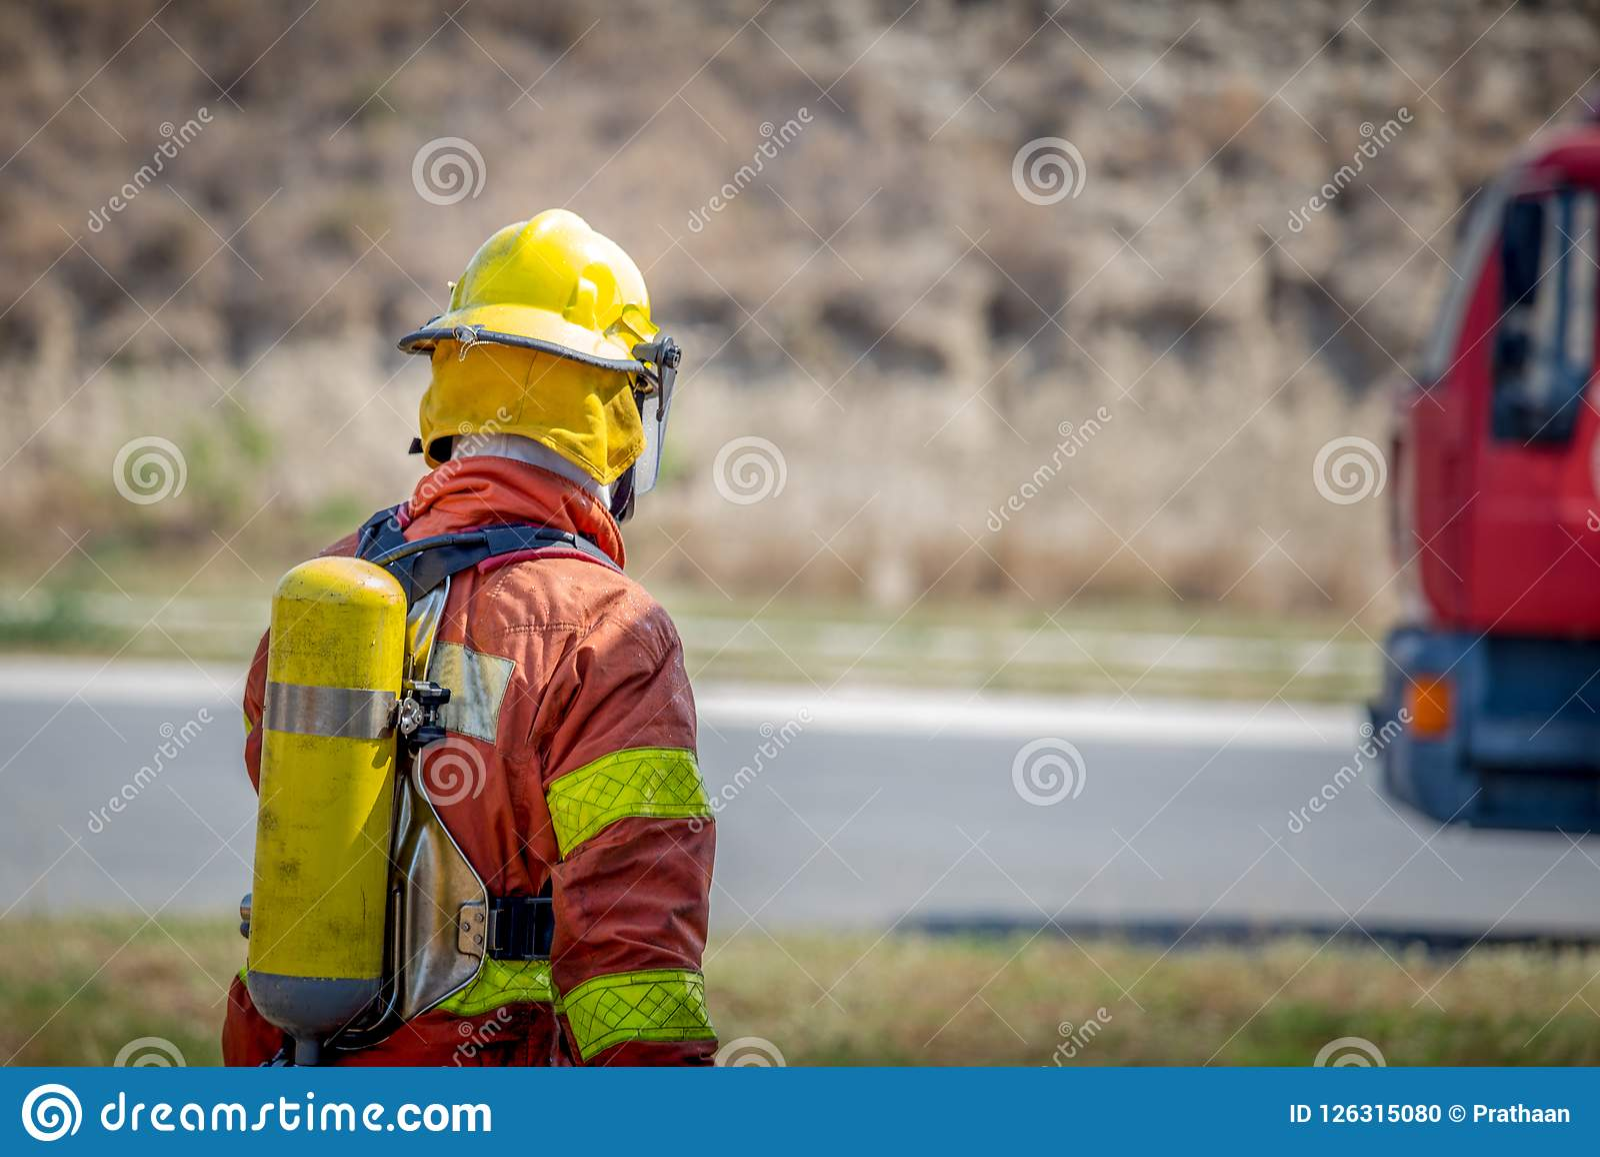 Прогулка пожарного к пожарной машине